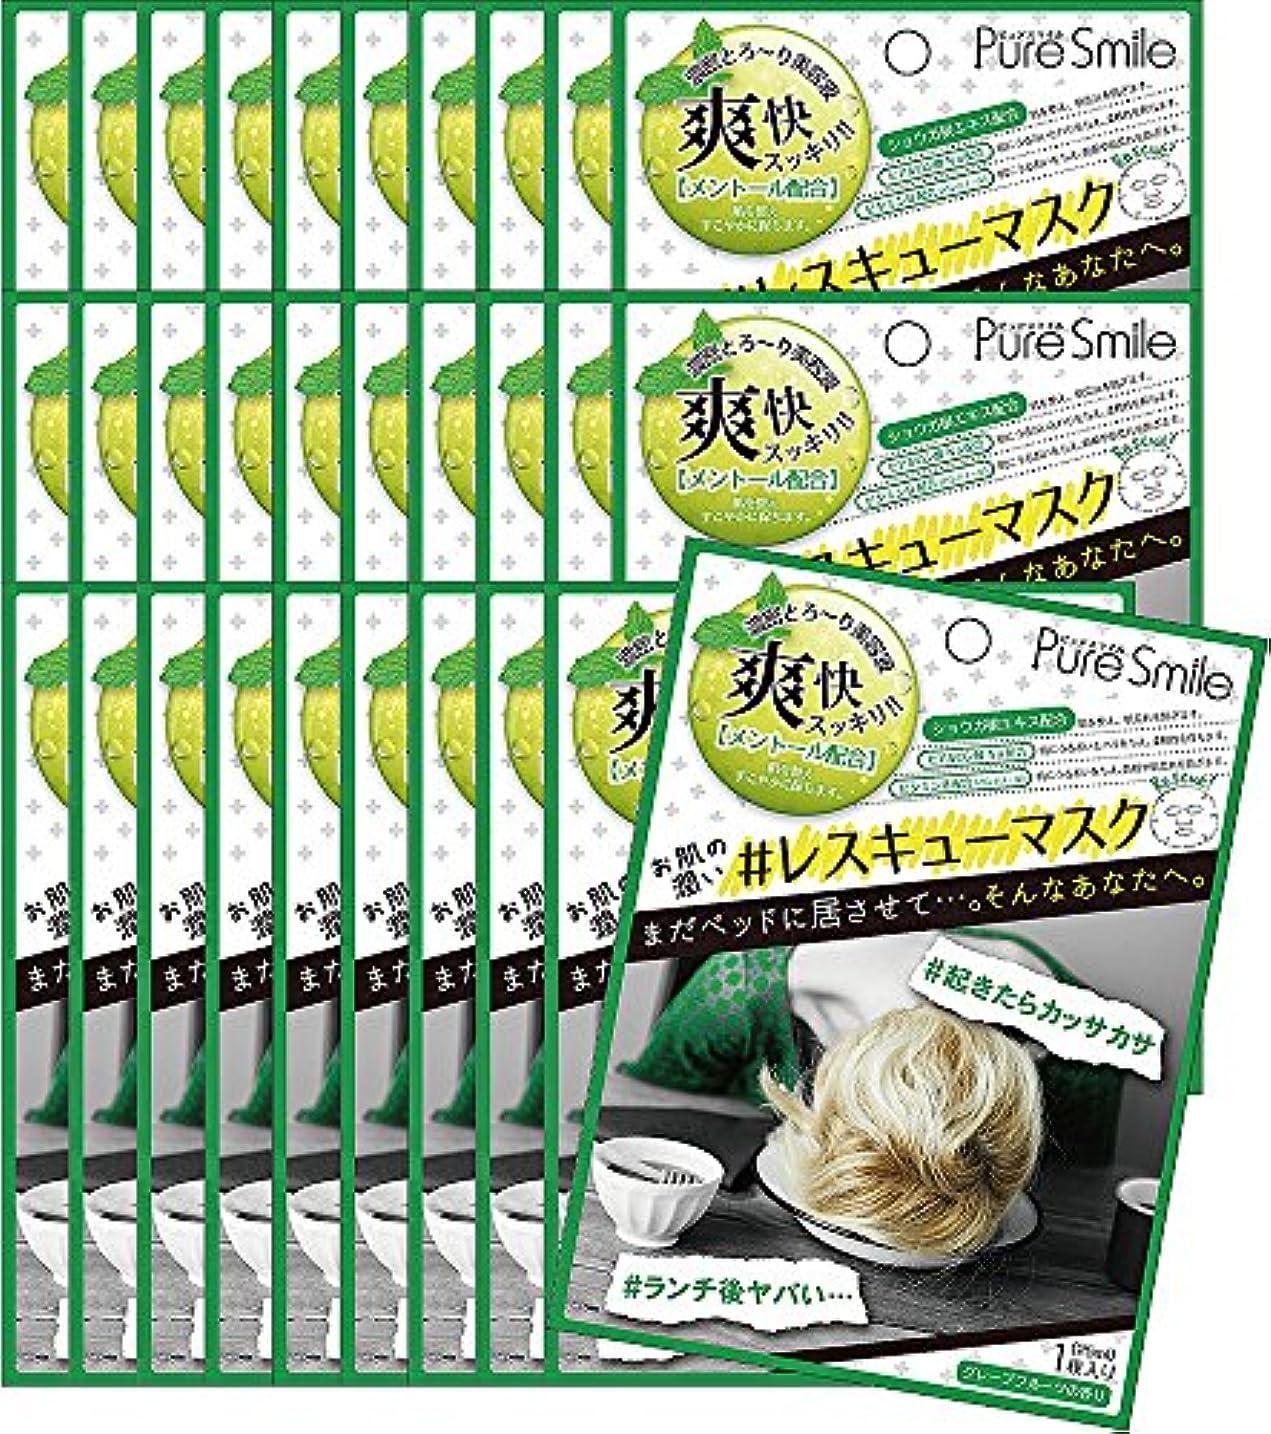 ピュアスマイル 『レスキューマスク』【寝不足/ショウガでレスキュー(グレープフルーツの香り)メントール配合】30枚セット